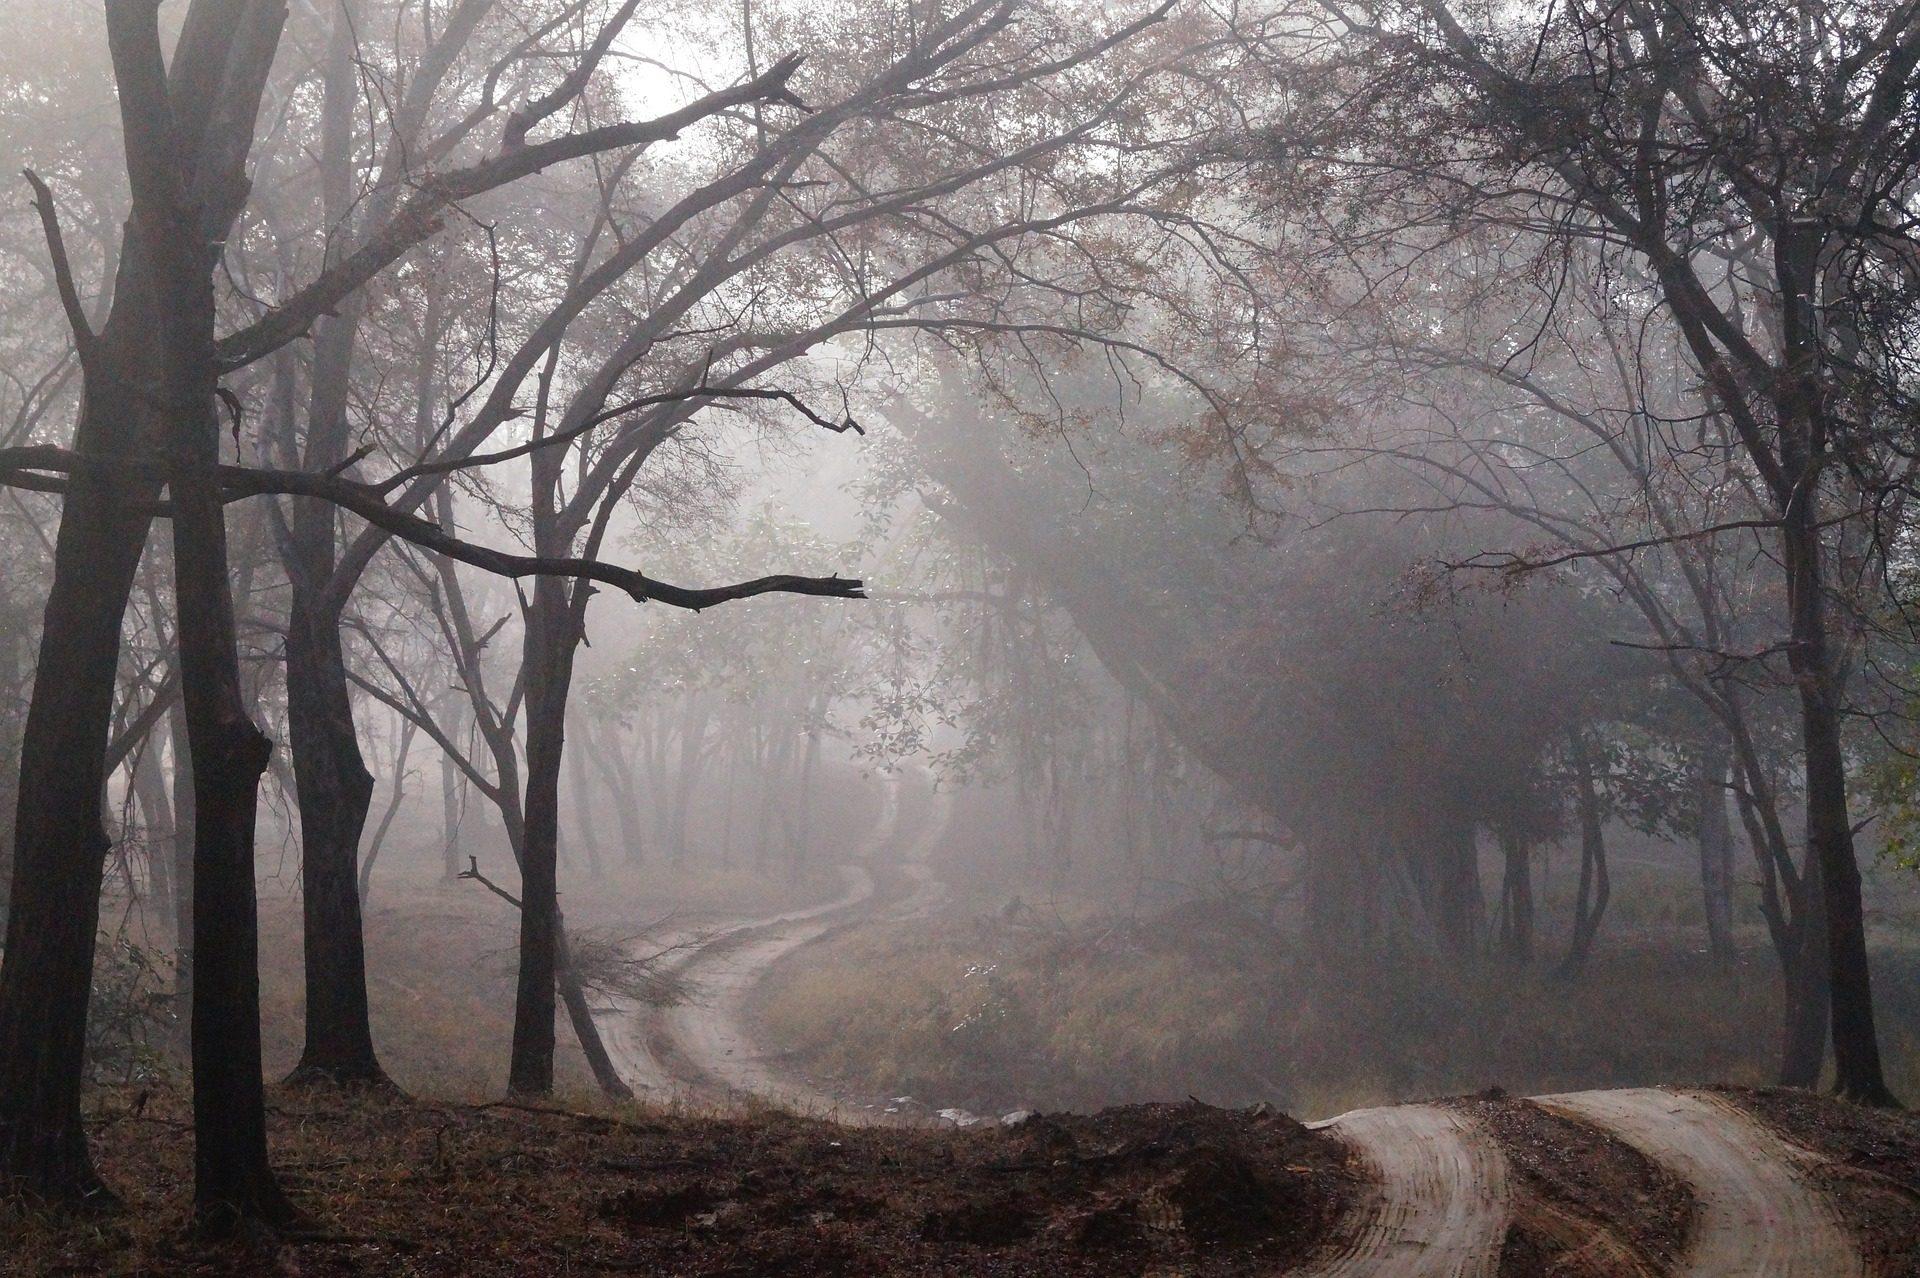 Дорога, лес, мрачный, туман, деревья, Темный - Обои HD - Профессор falken.com